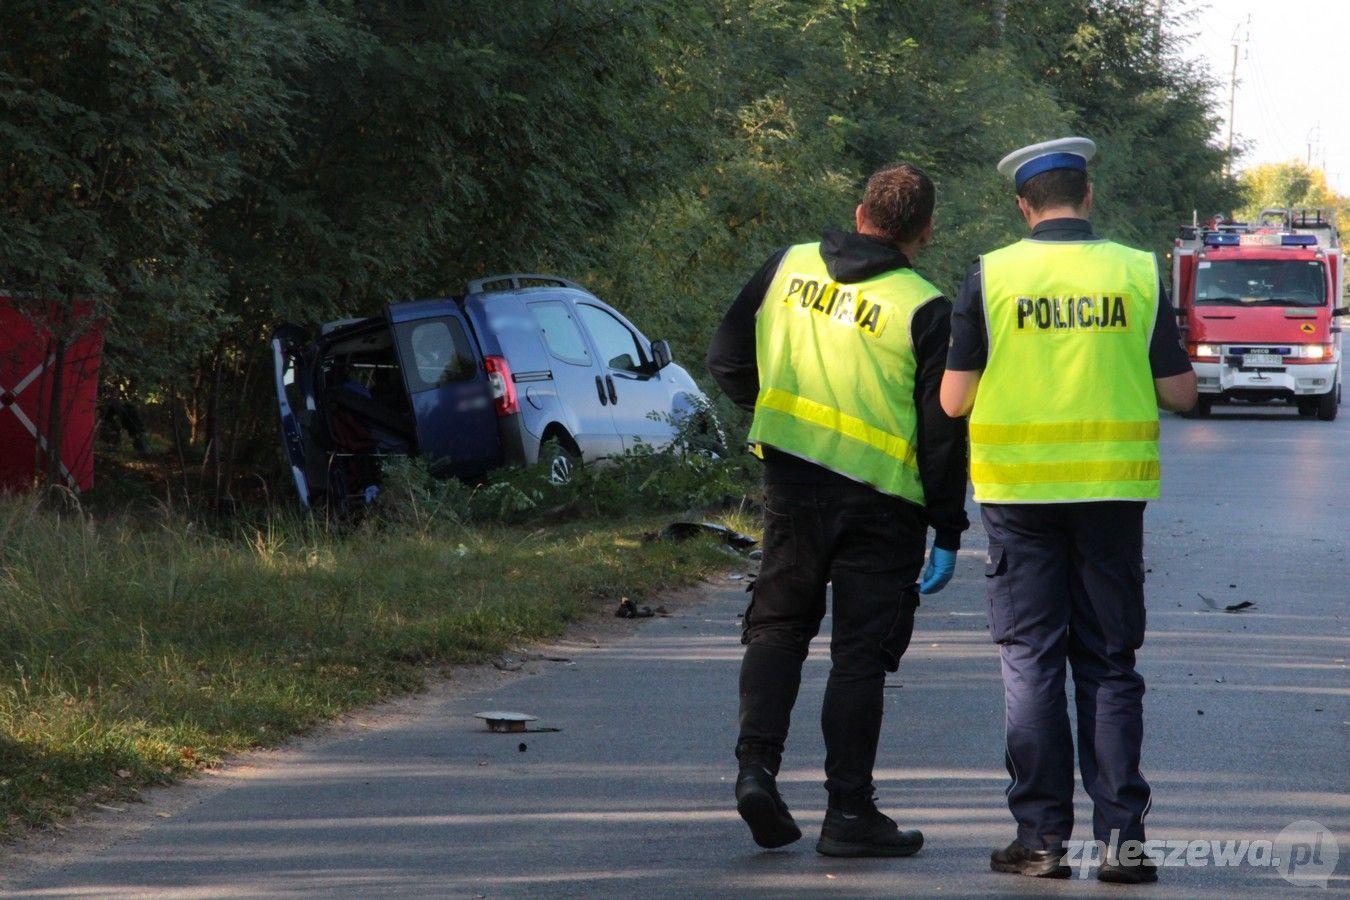 Śmiertelny wypadek w Bogusławicach. Nie żyje jedna osoba [ZDJĘCIA] - Zdjęcie główne